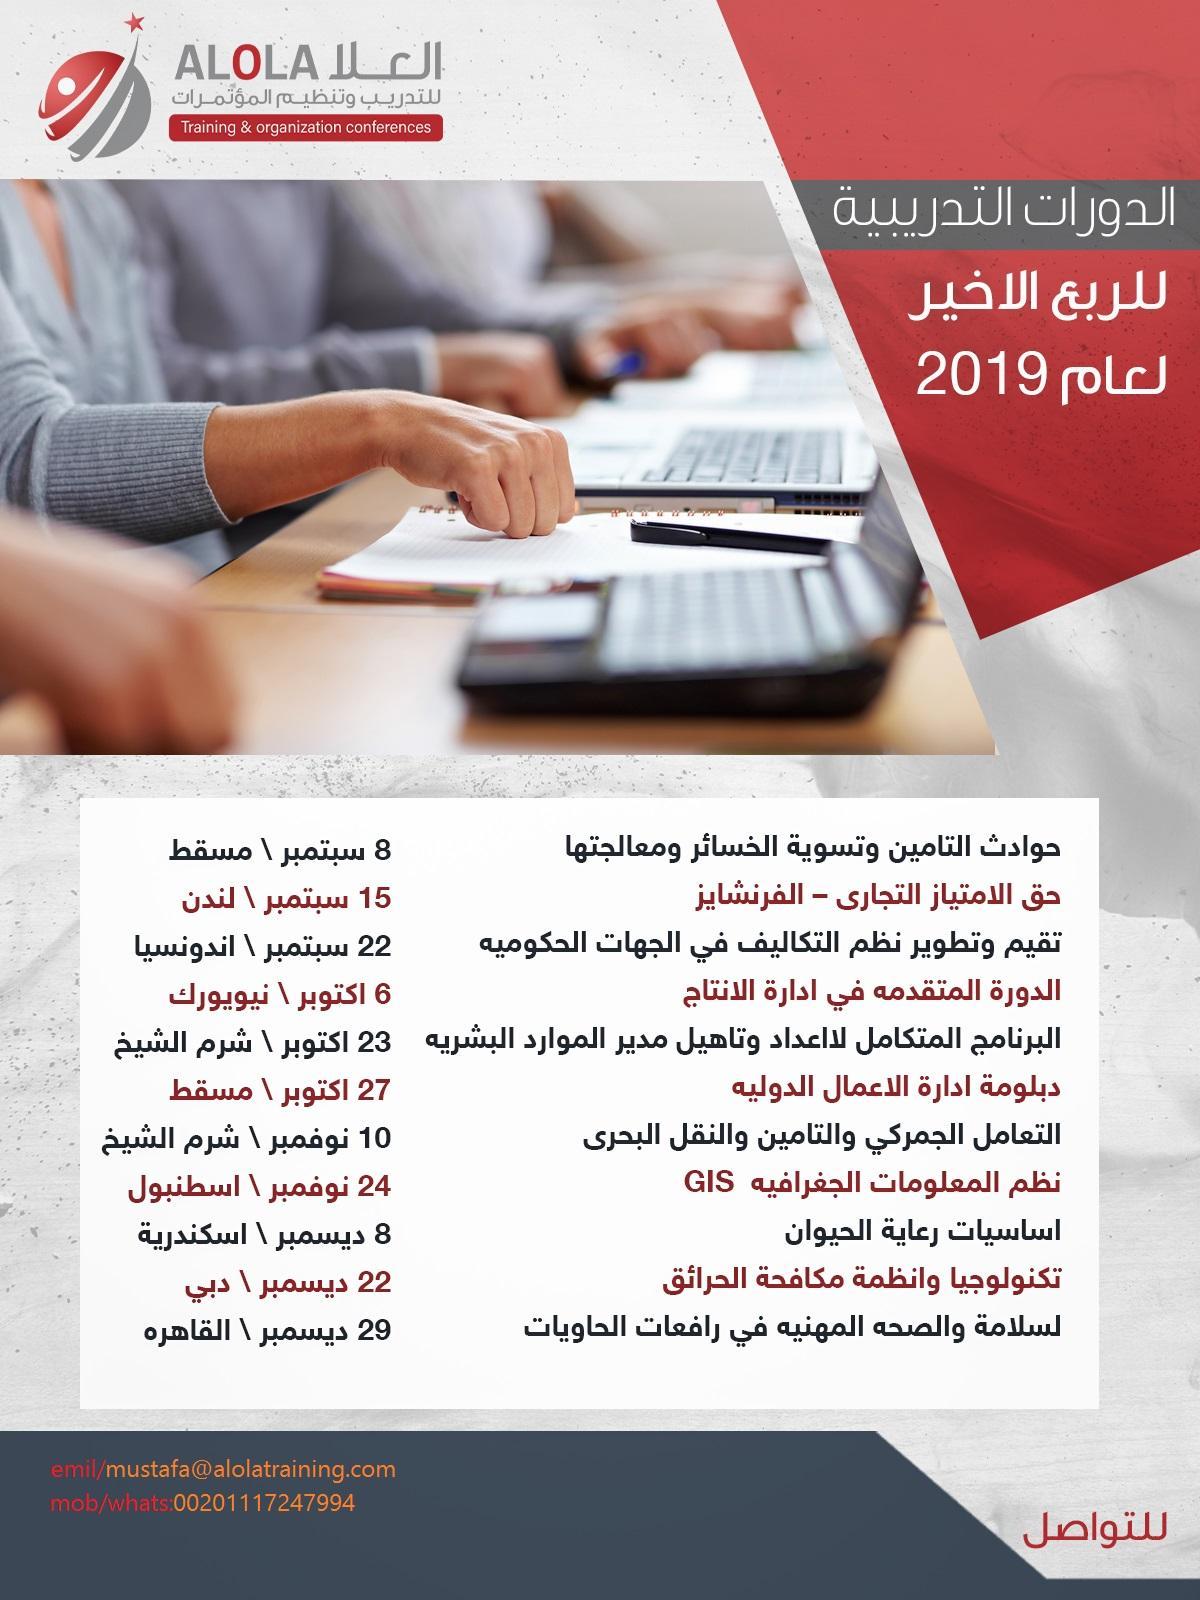 دورة تطوير الأعمال تقنيات الجودة 500258054.jpg